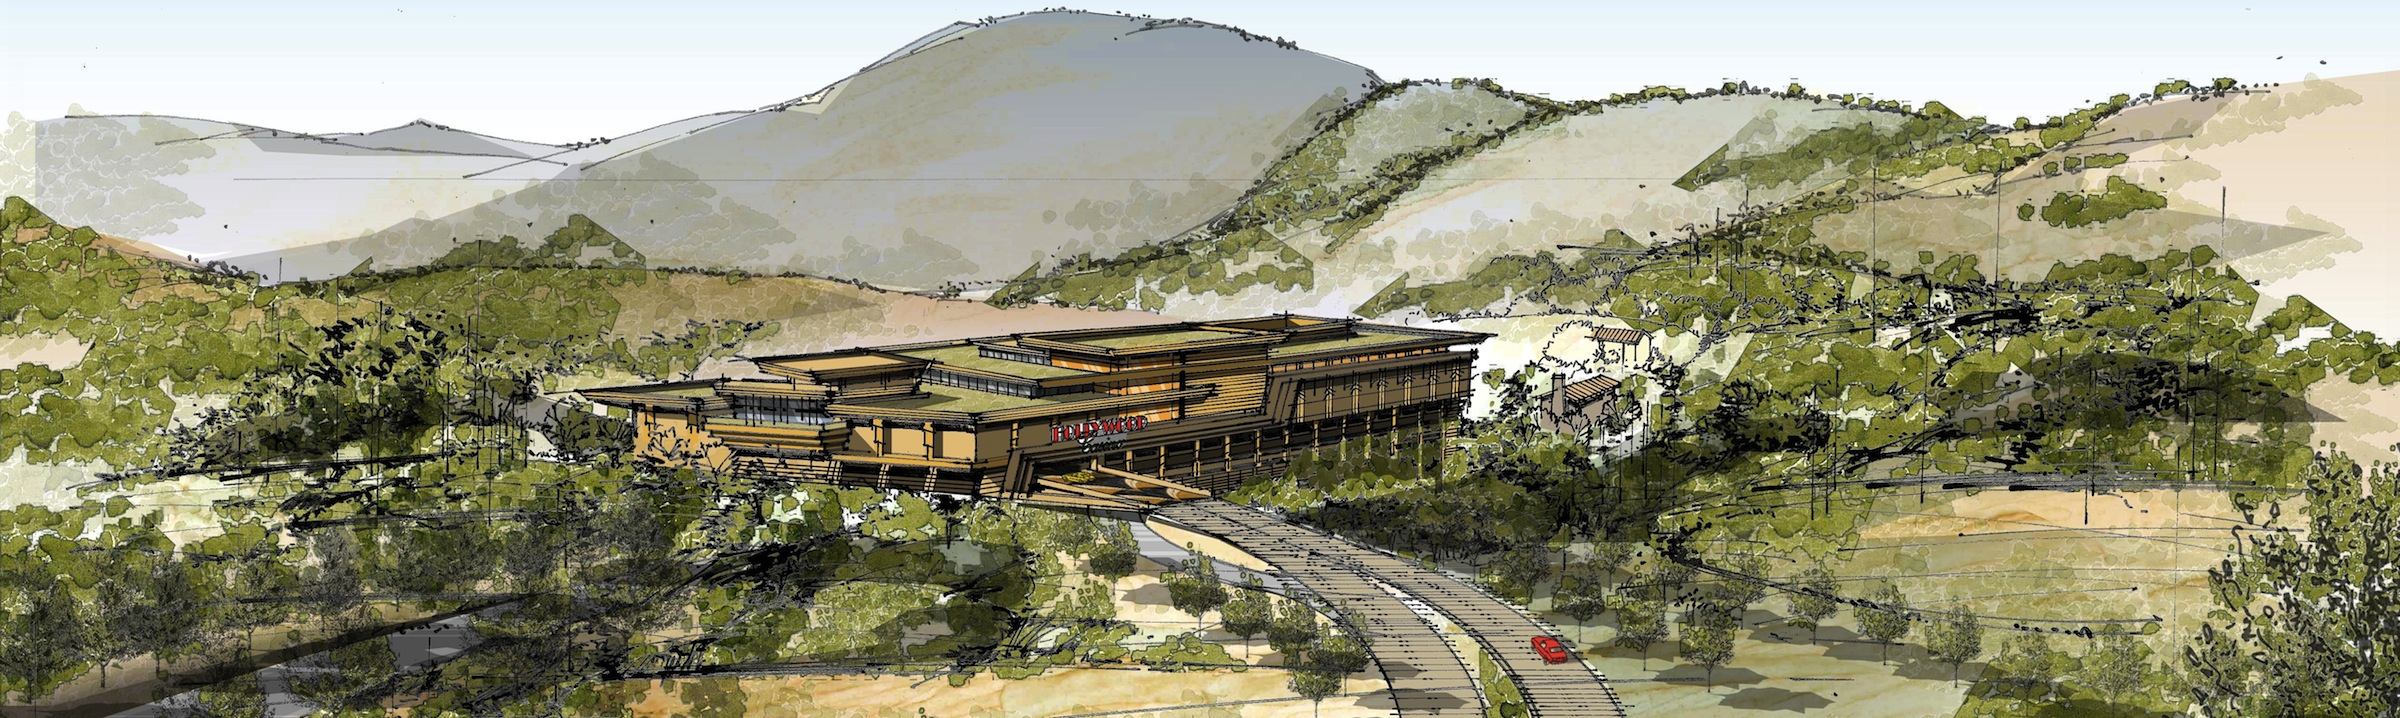 Jamul Casino rendering